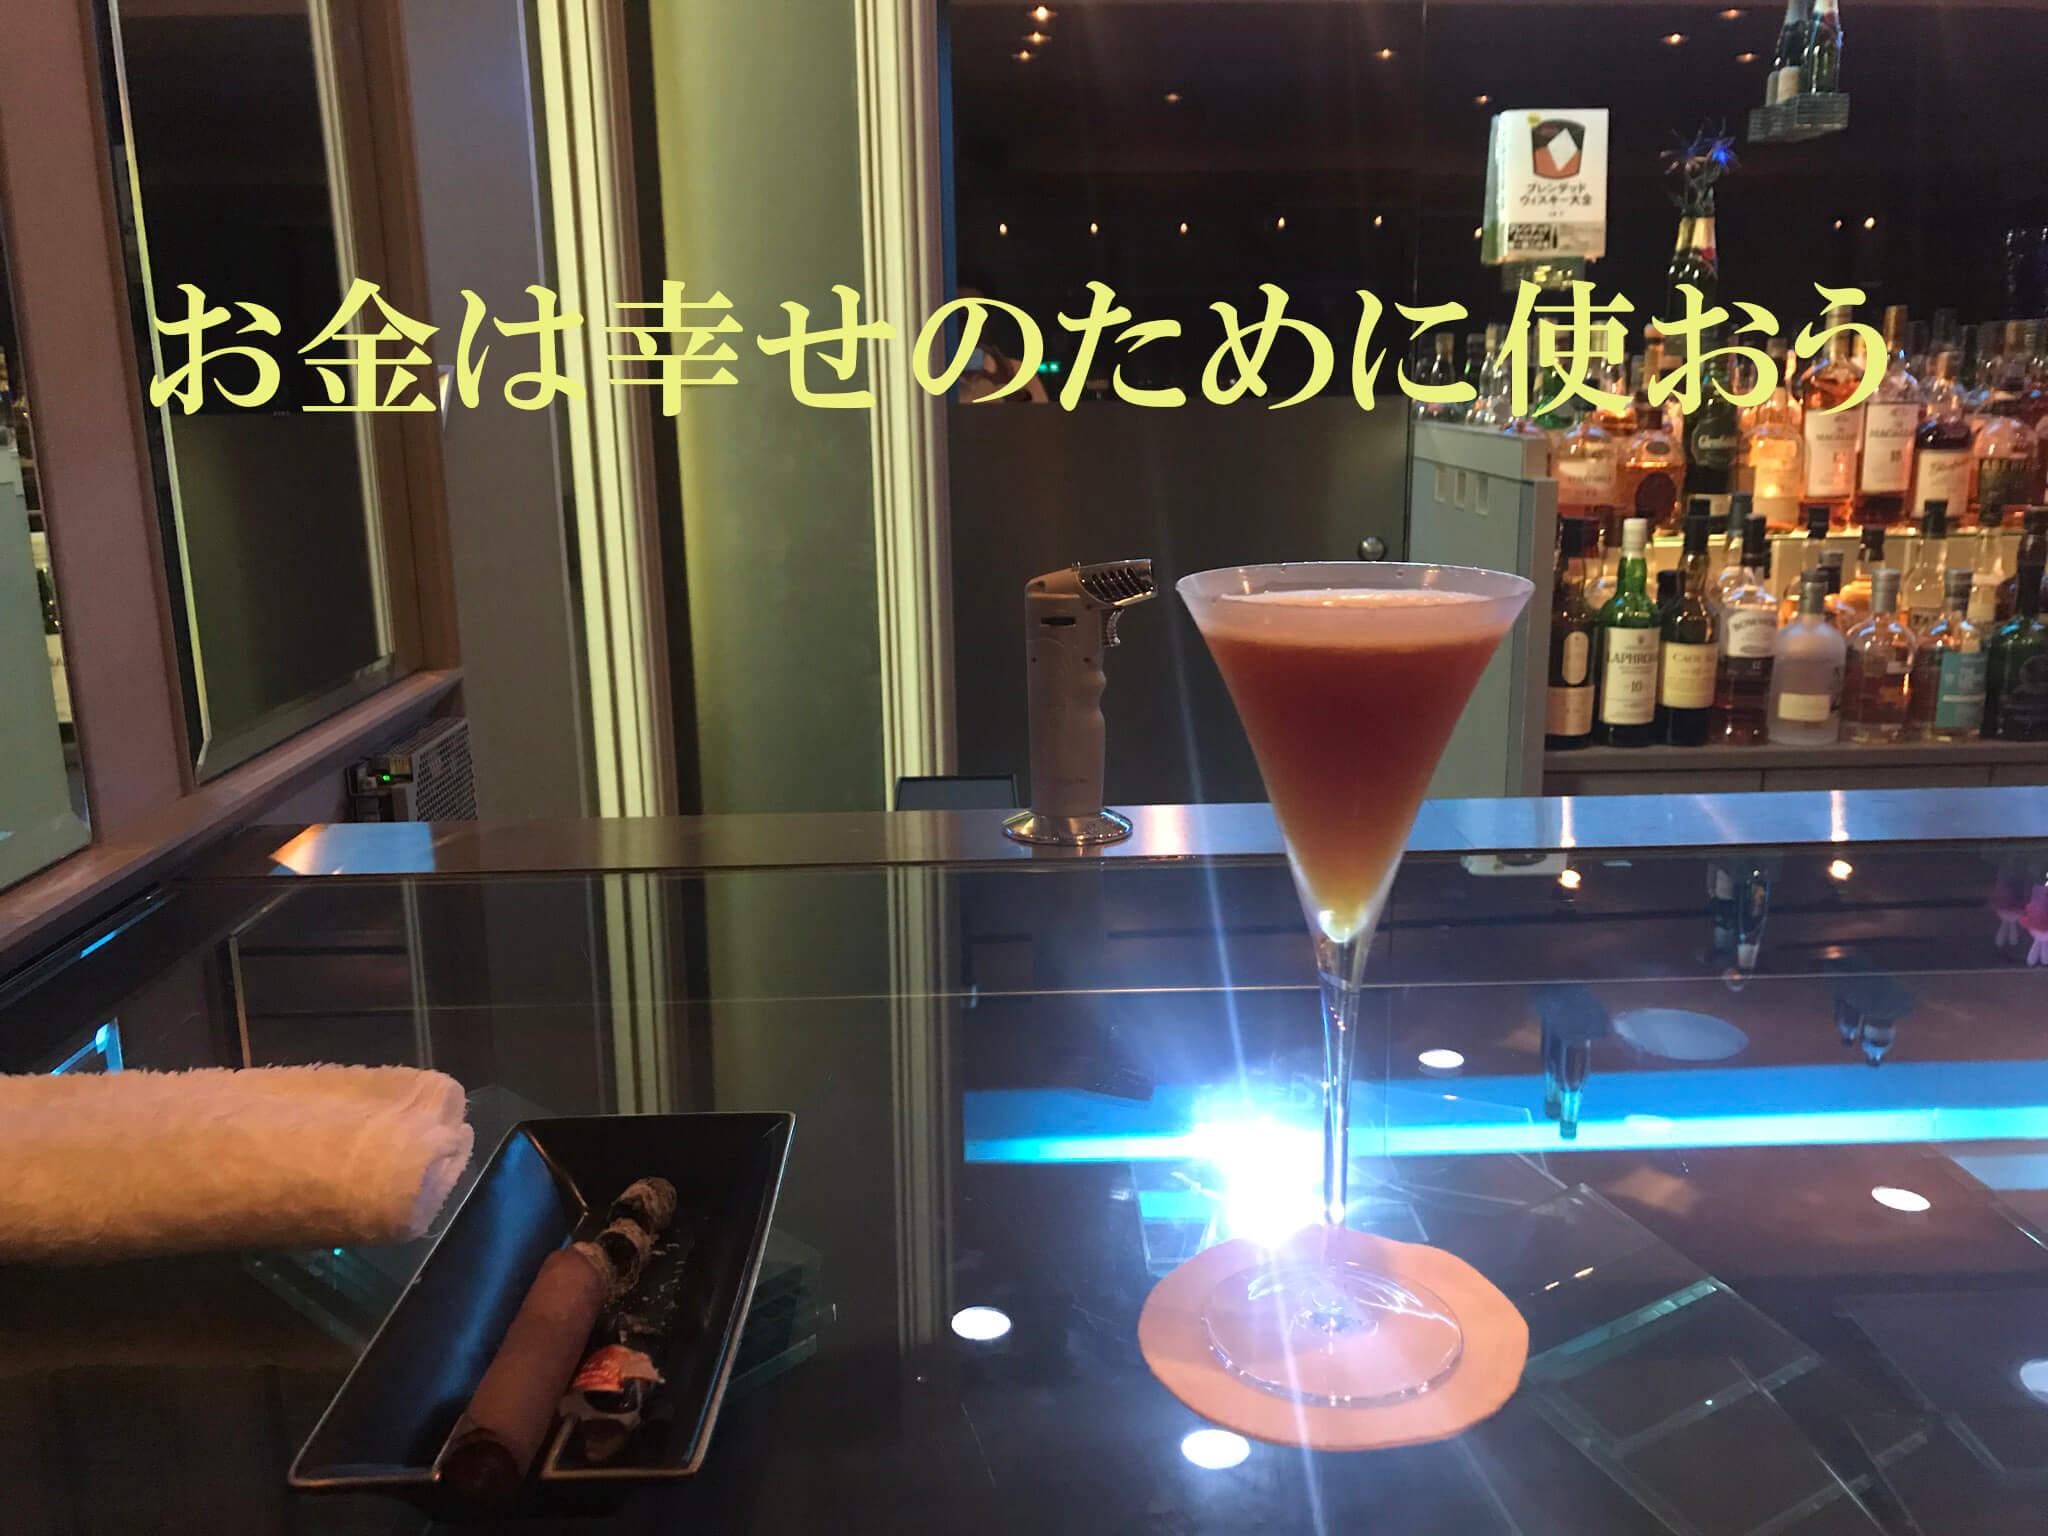 バーでカクテルを飲んでいる。